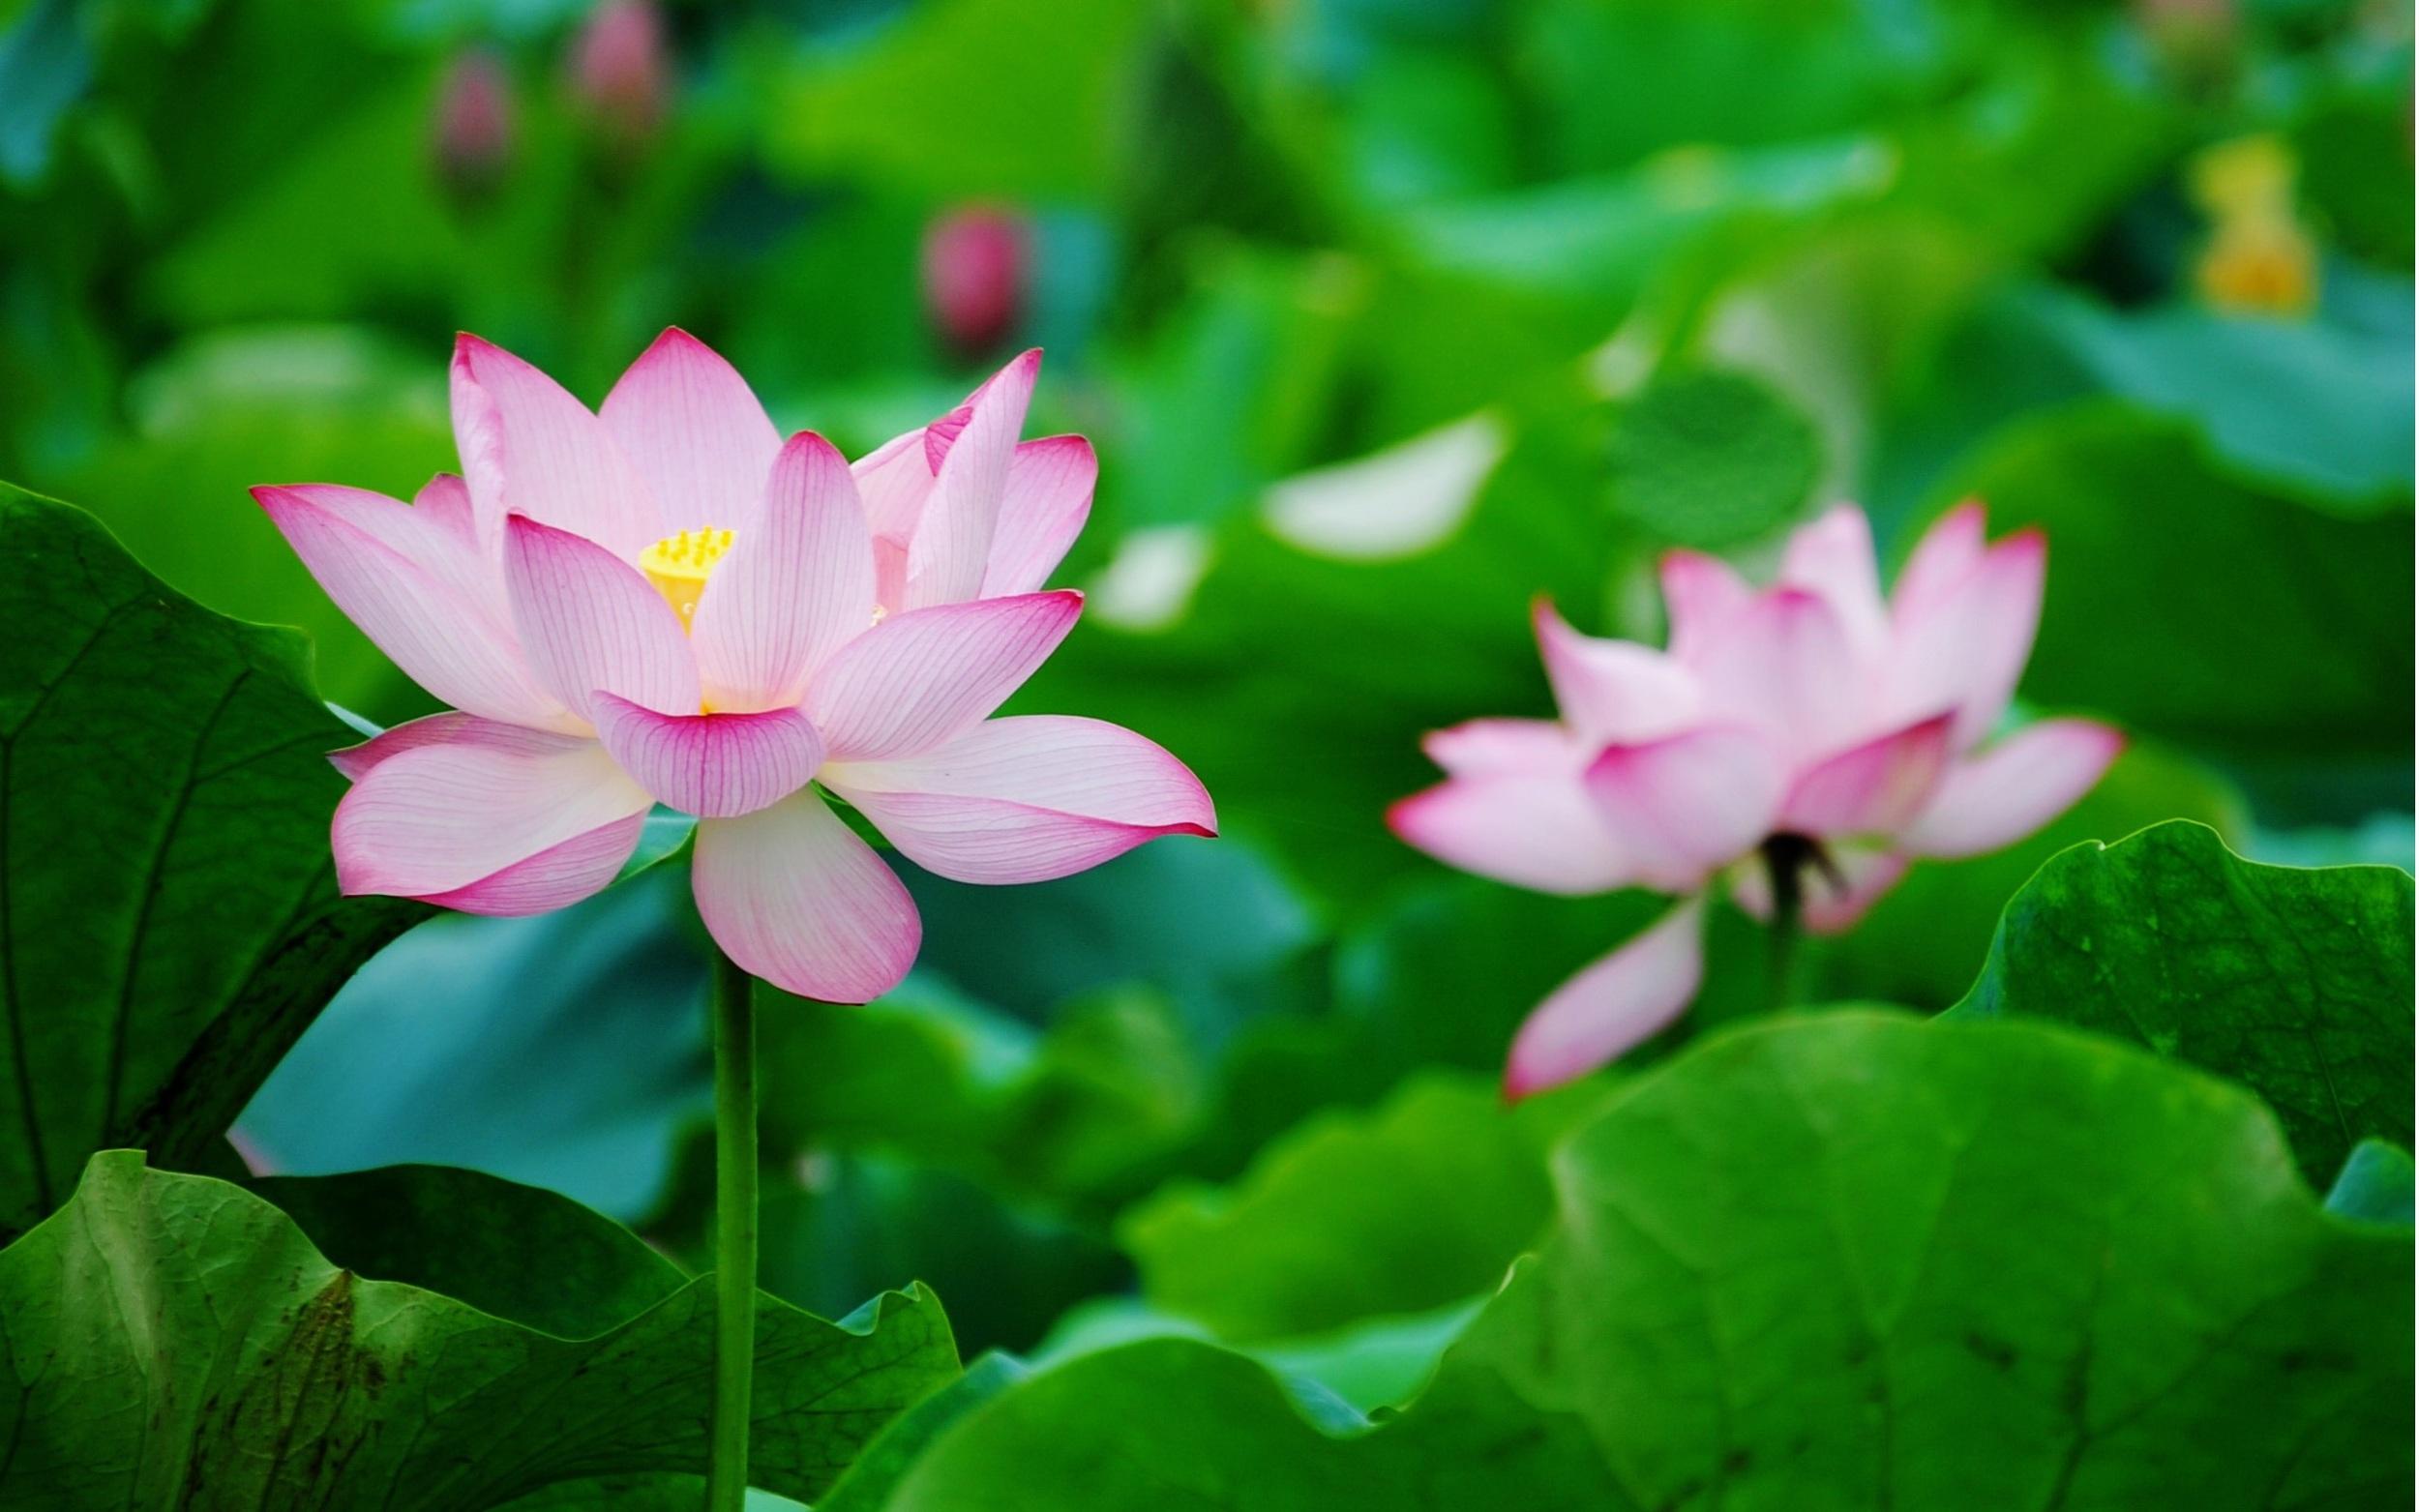 Two-lotus_2560x1600.jpg